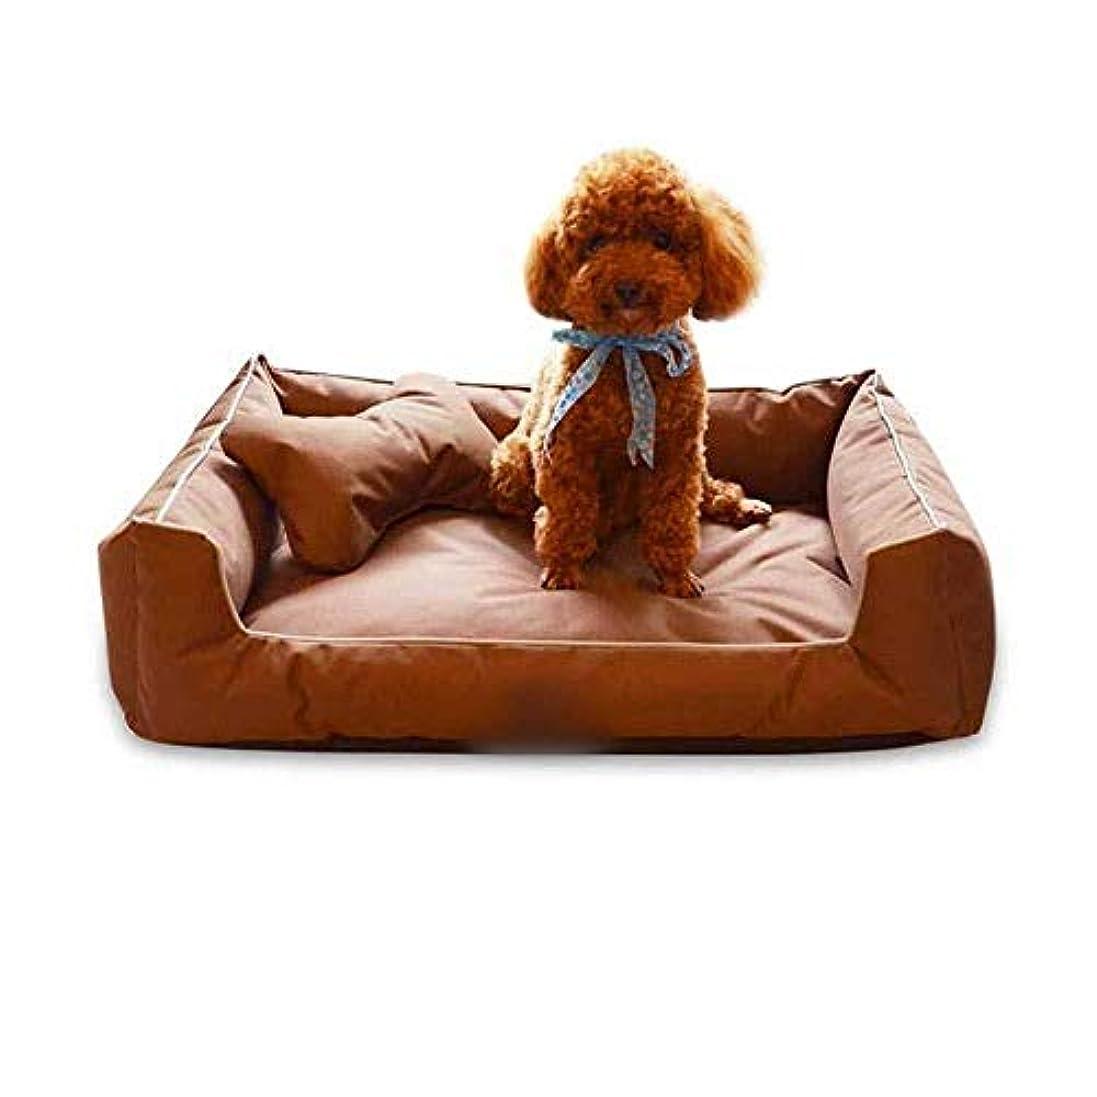 メジャーとげ曲がったJPLJL ペット ベッド 犬 猫用寝袋 取り外し可能と洗える四季犬ベッド猫ソファベッドペット巣 人気 可愛い ふわふわ 暖かい キャットハウス ネコベッド ネコ いぬ 猫寝床,ブラウン,Medium